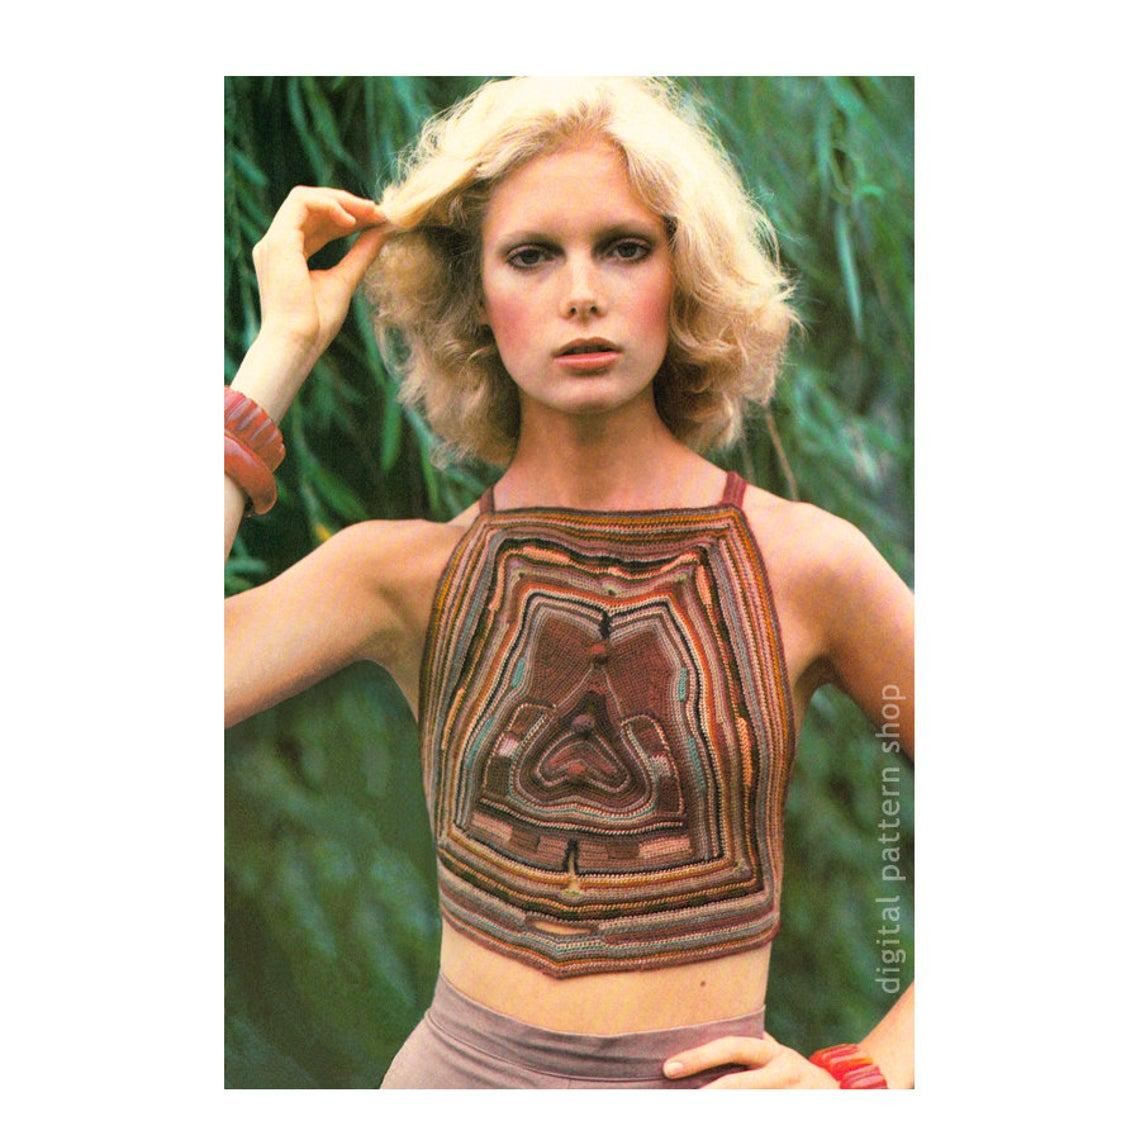 Crochet a Vintage Boho Maze Halter Top ... It's Wearable Art!